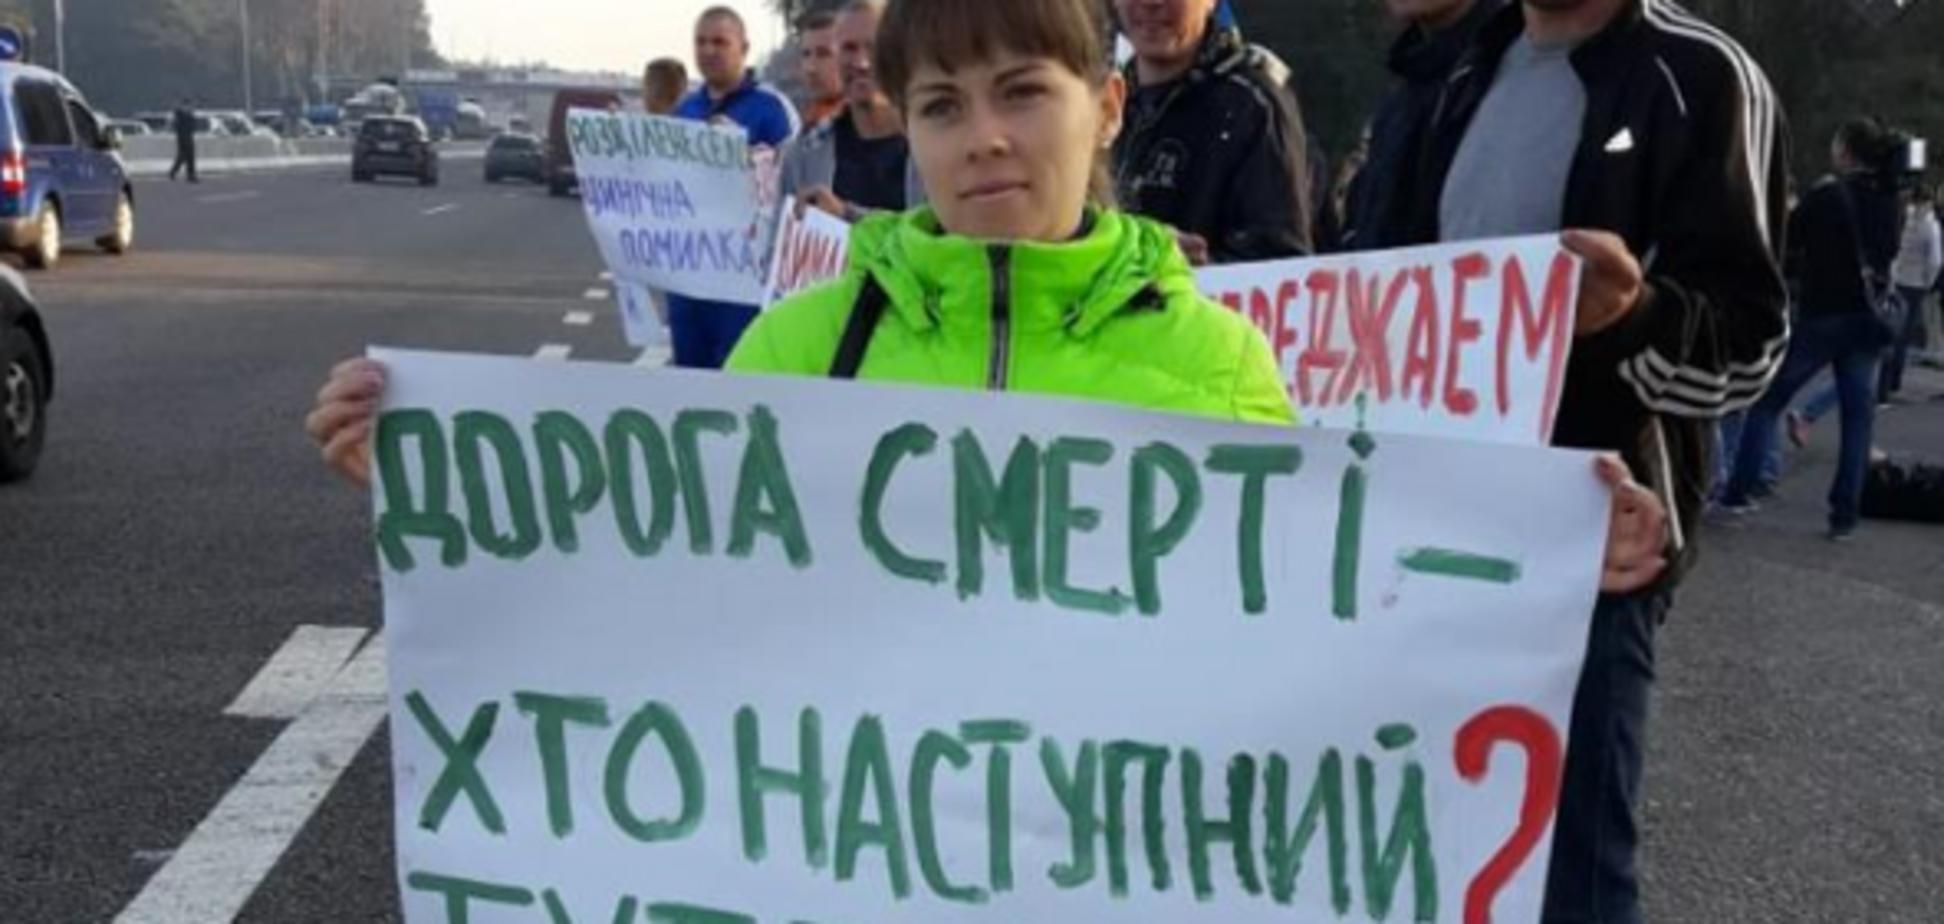 Дороги смерти: на Киевщине восстали против дорожного произвола